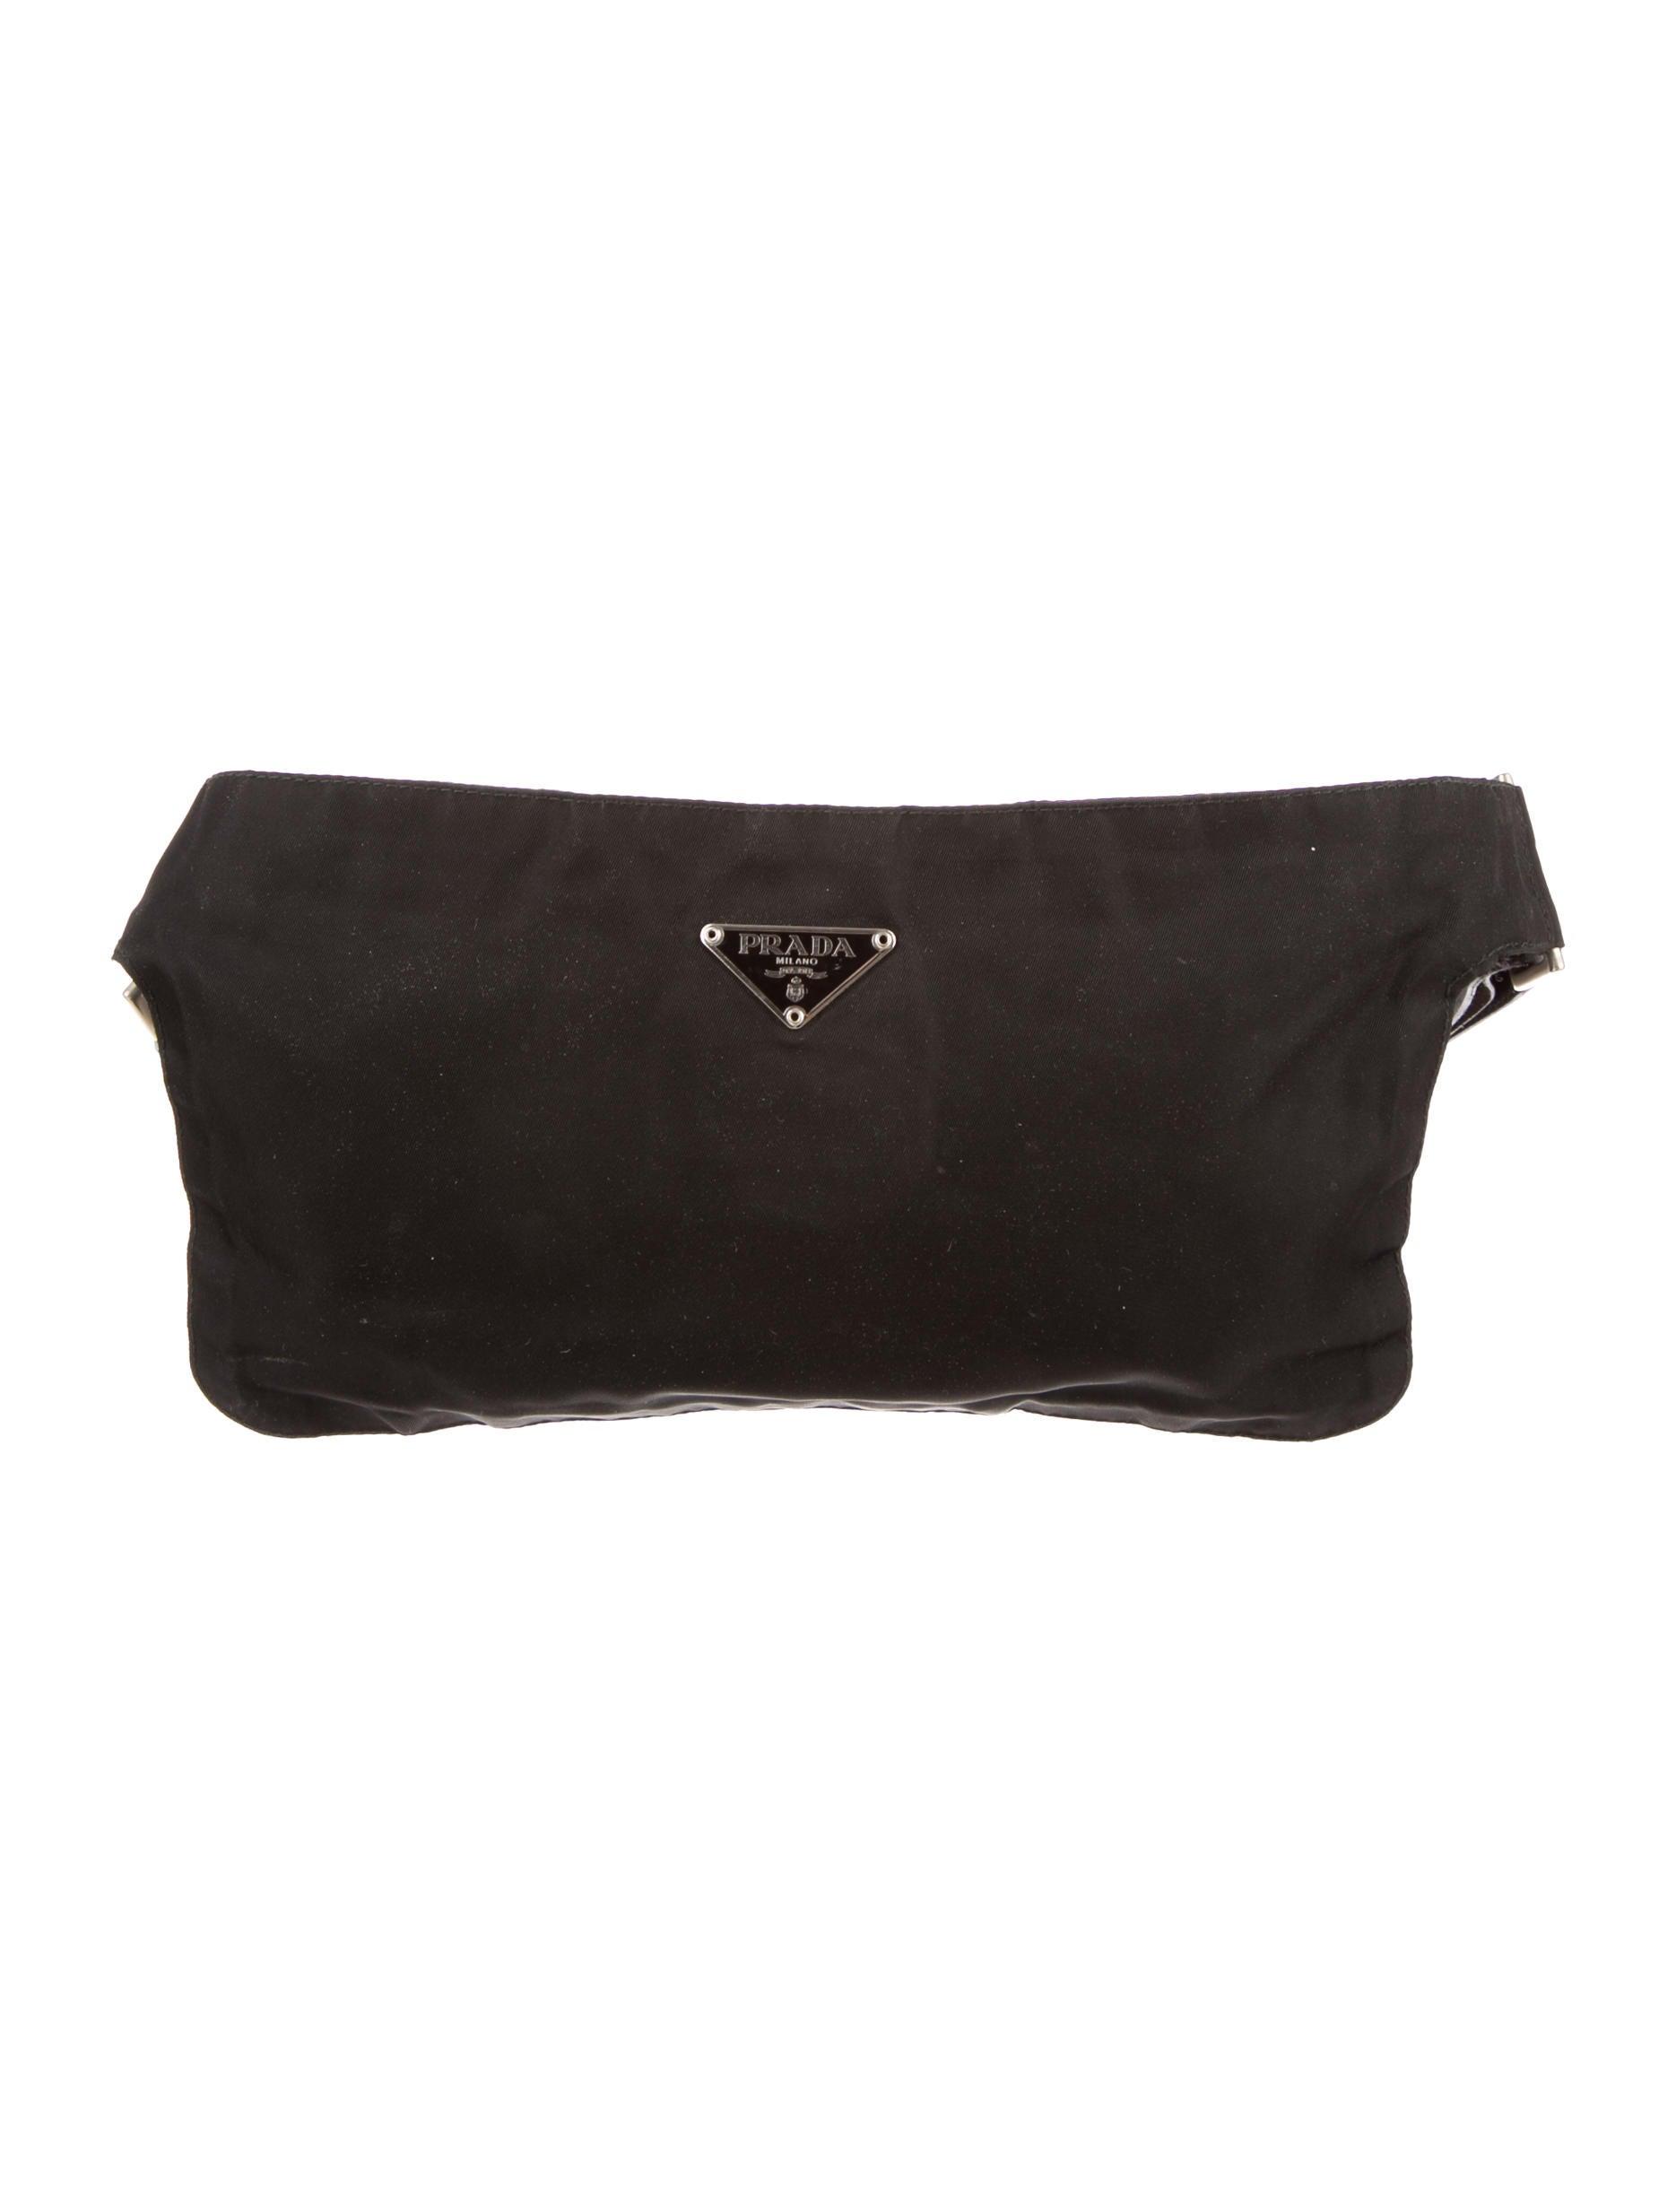 replica prada - prada tessuto waist pouch, prada handbags sale usa